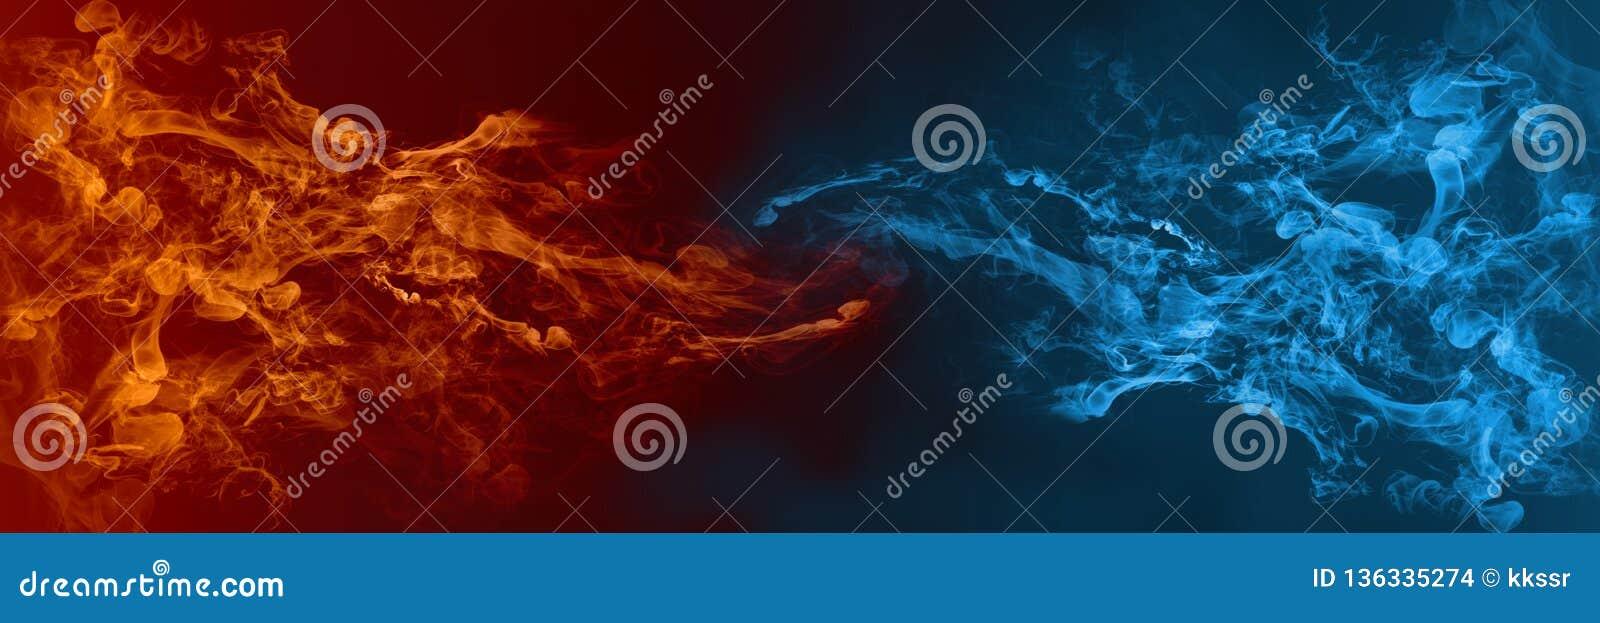 Elemento abstracto del fuego y del hielo contra contra uno a fondo Calor y concepto frío